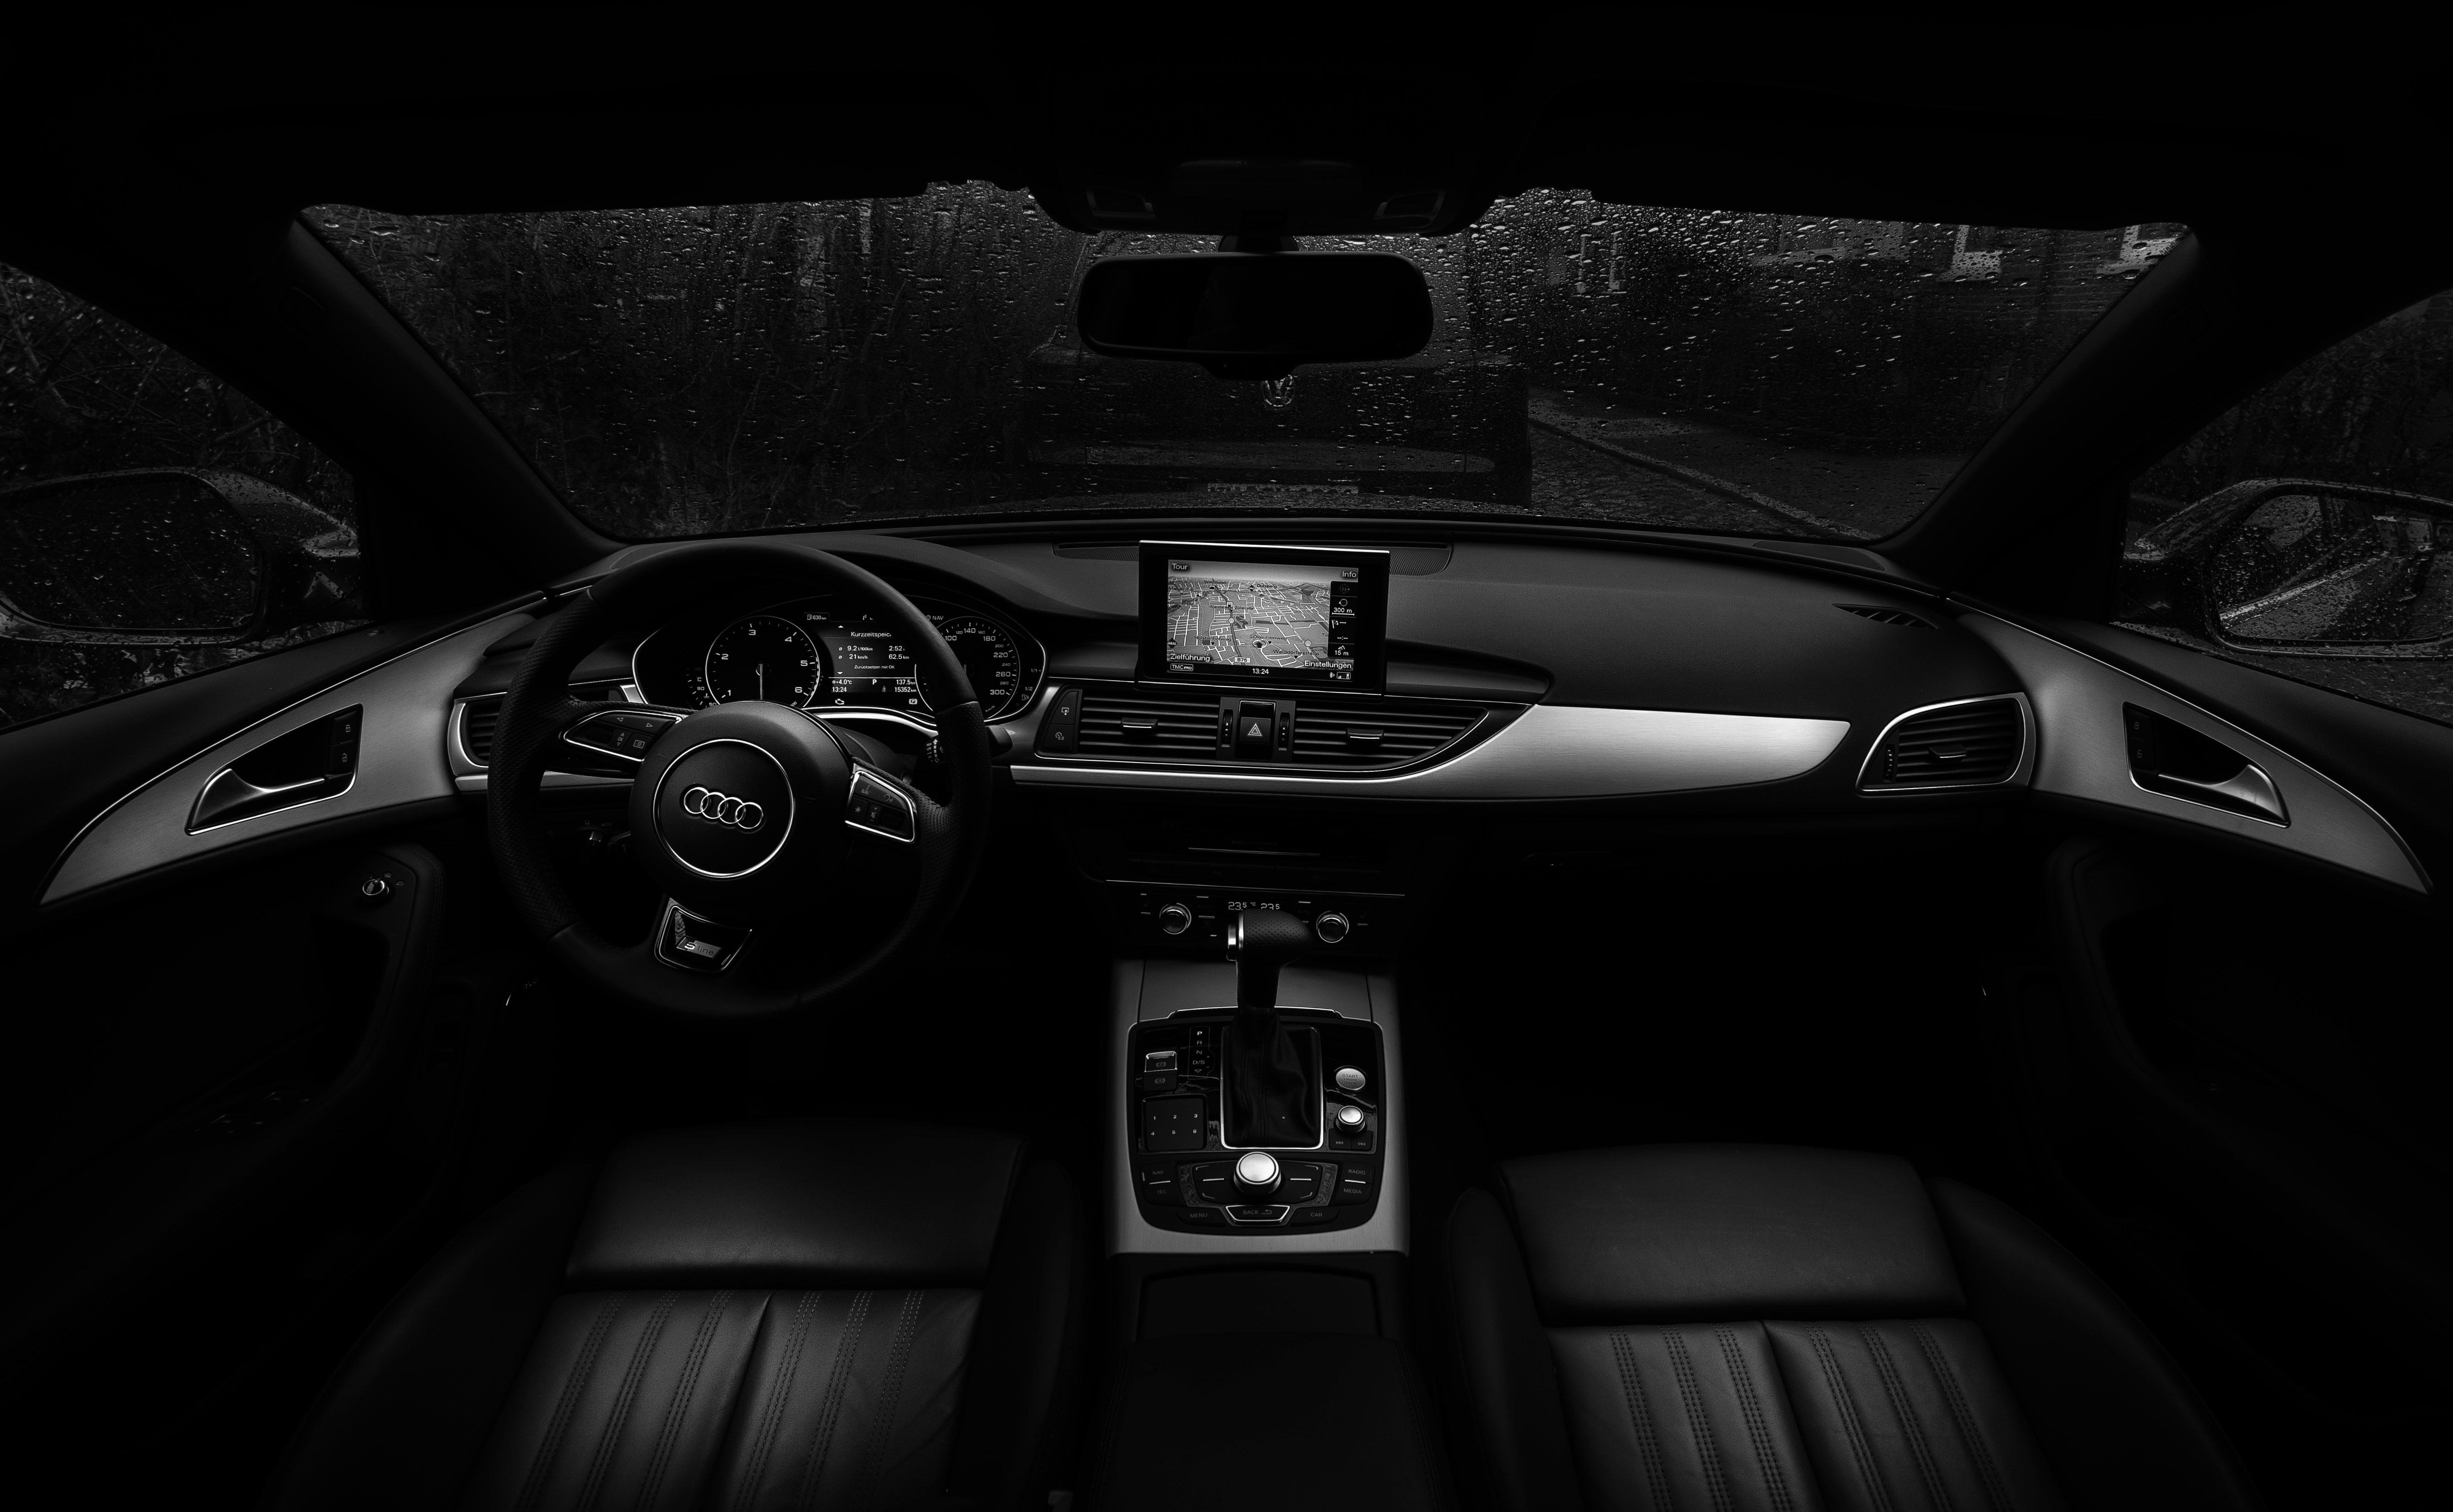 Gambar Mobil Sedan Audi Terbaru Dan Terkeren Modifikasi